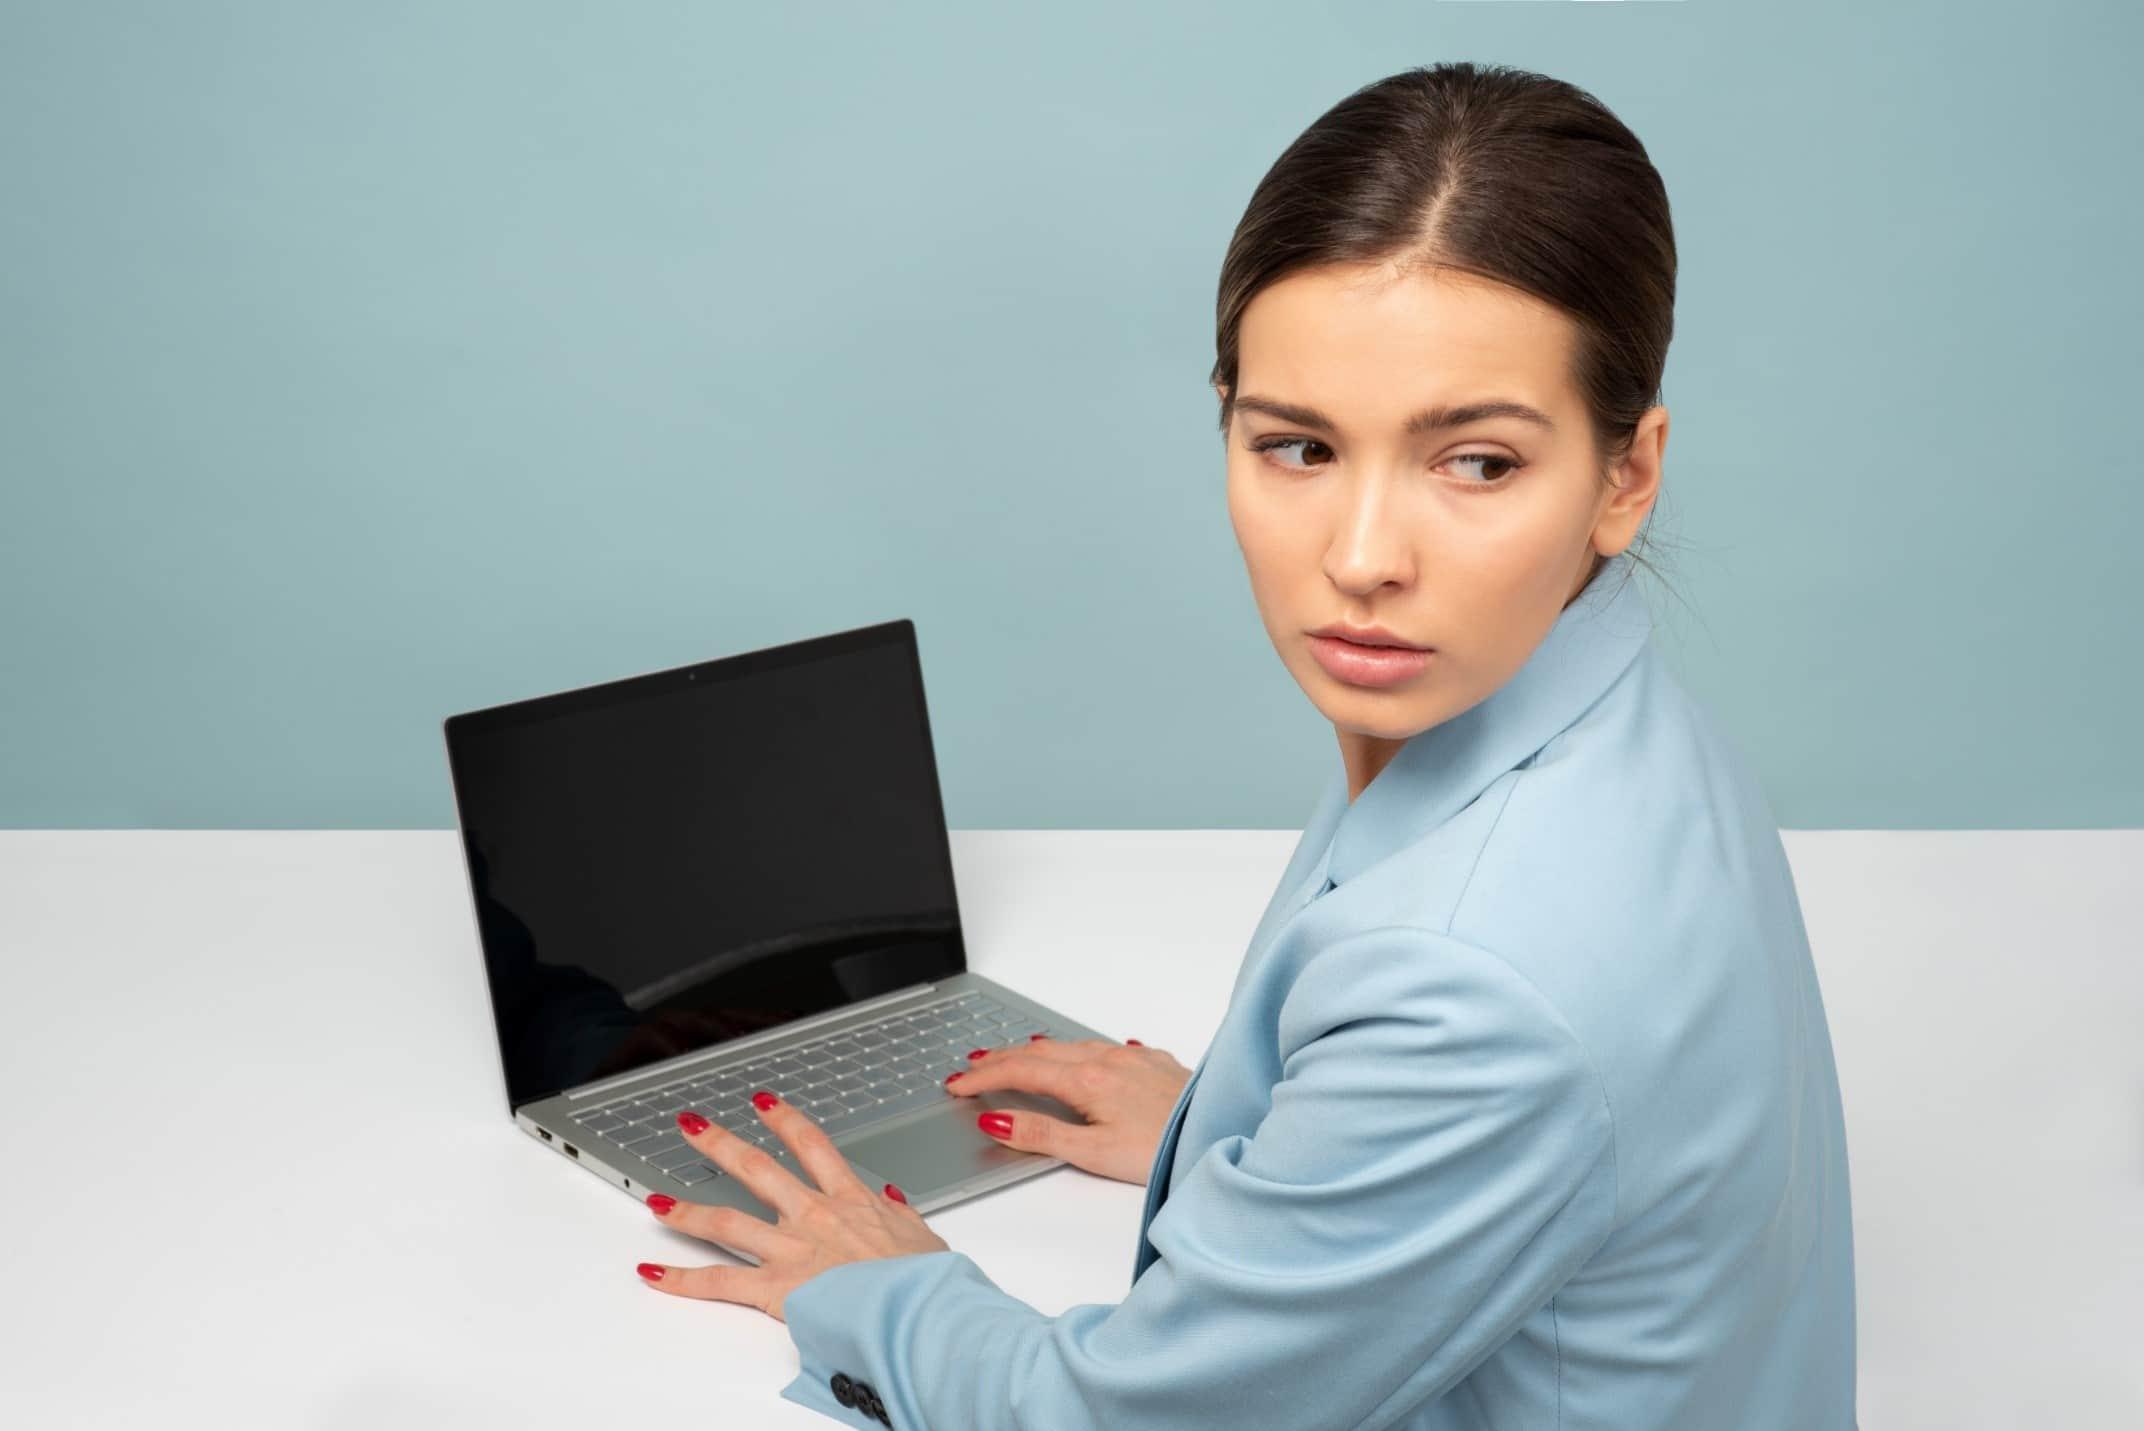 强密码如何保护您的笔记本电脑免受黑客攻击